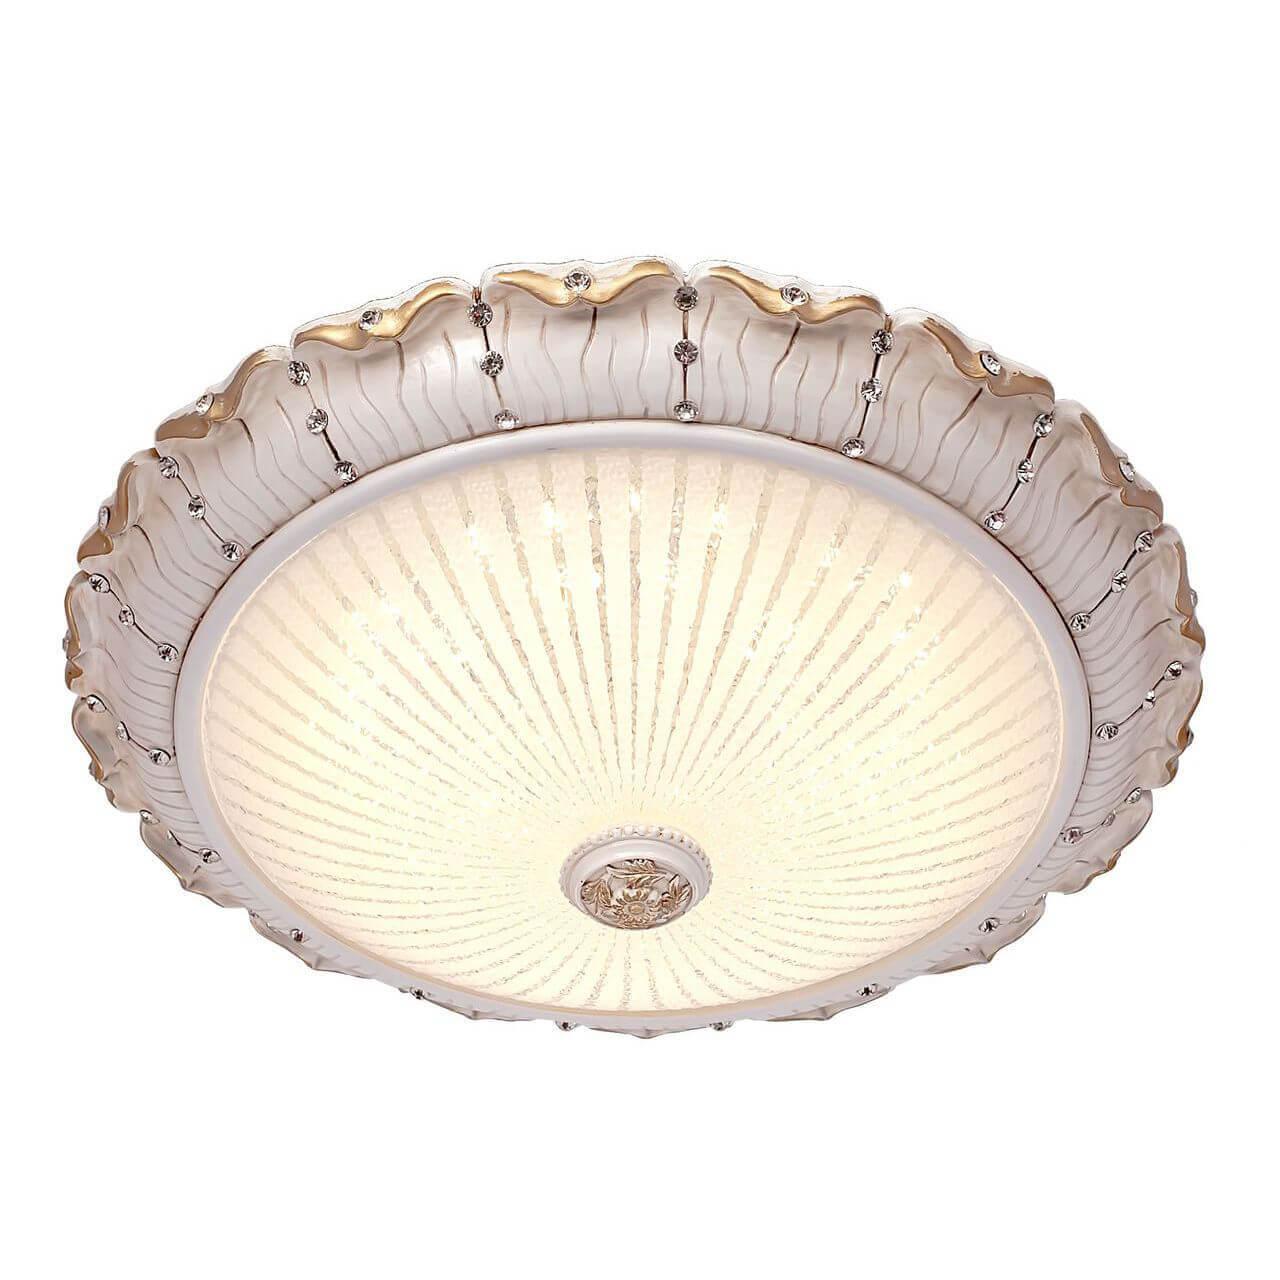 Светильник Silver Light 844.40.7 Louvre Beige настенный светодиодный светильник silver light louvre 844 36 7